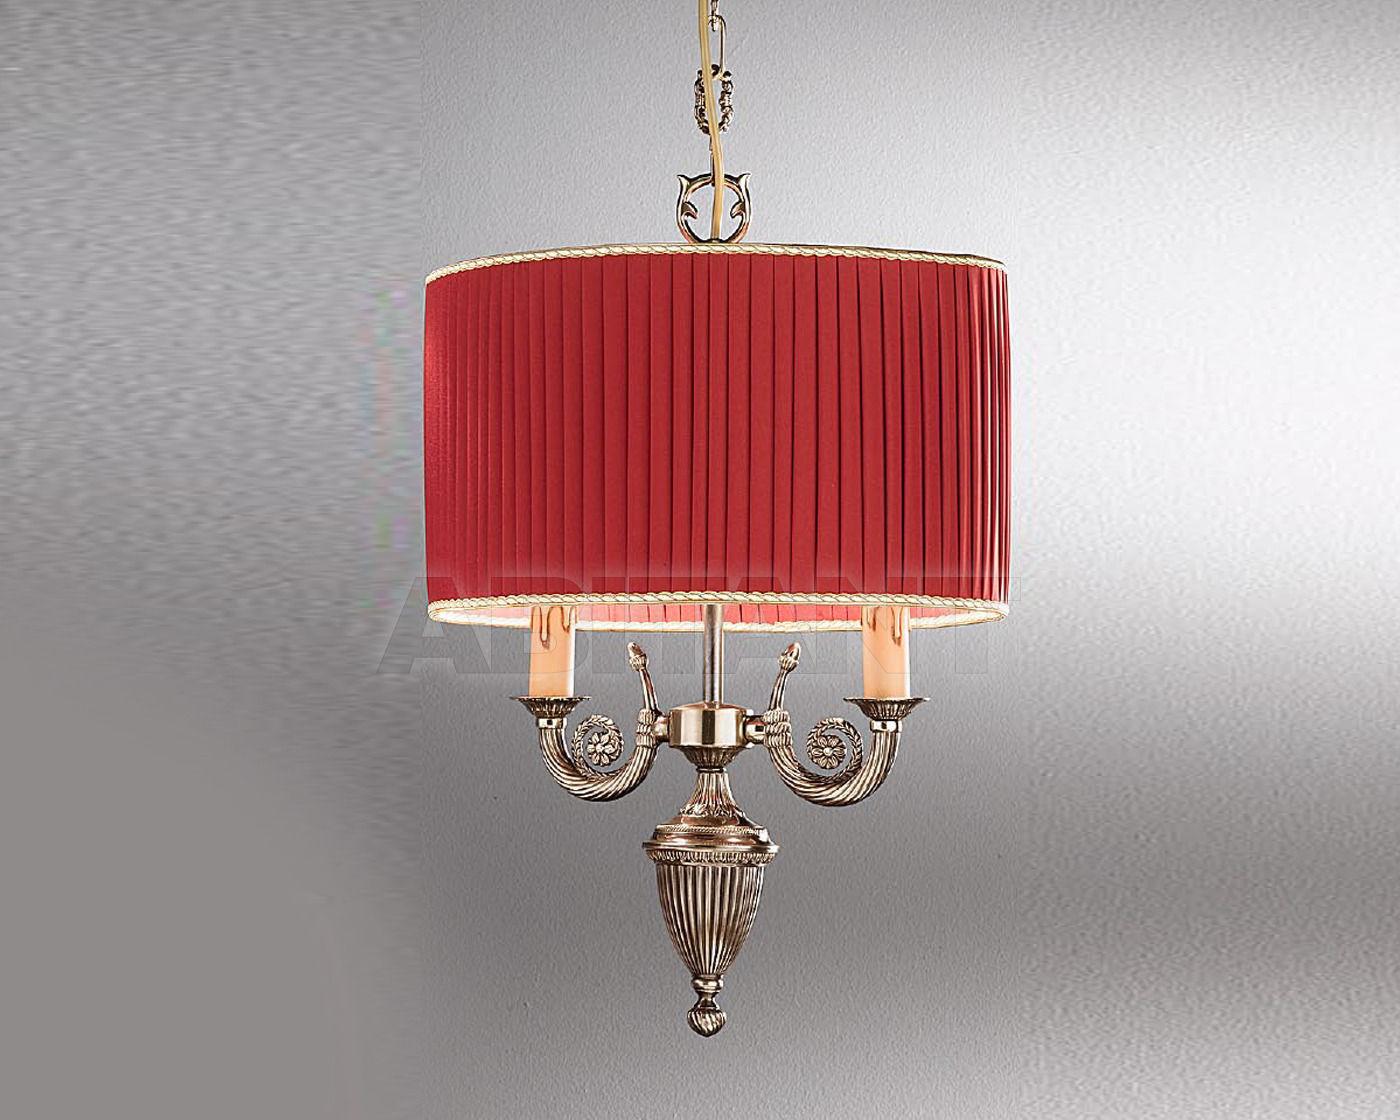 Купить Светильник Nervilamp Snc Nervilamp 2013 870/2S